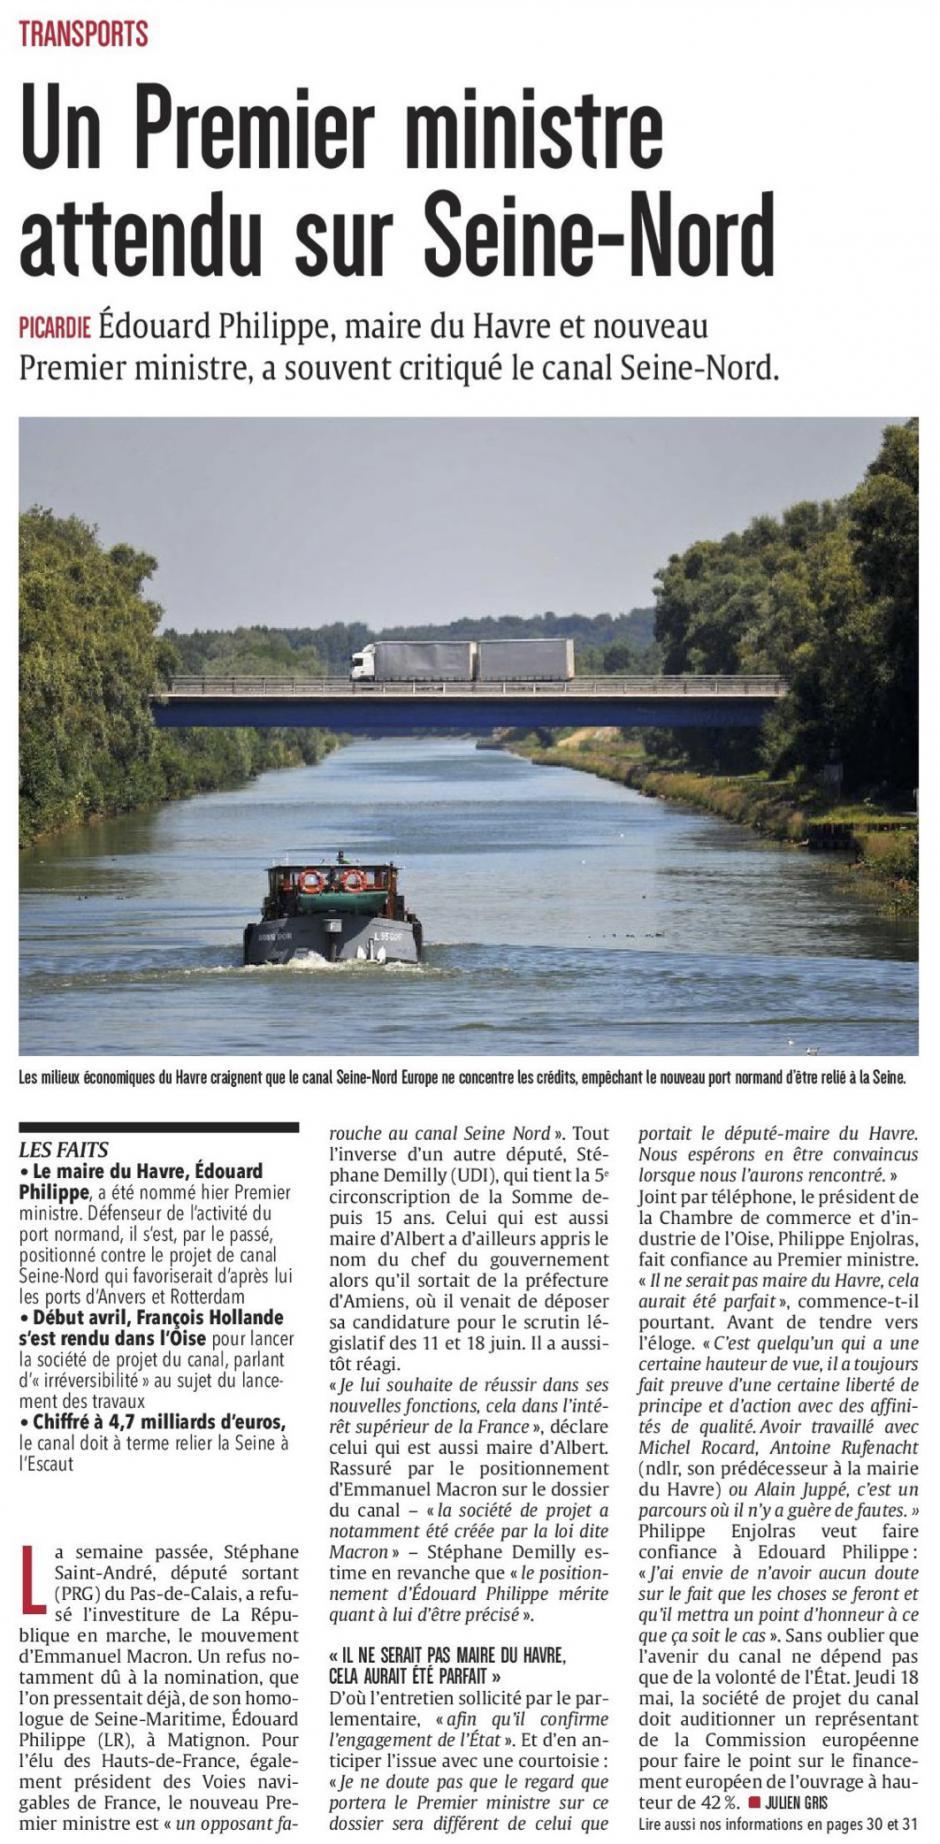 20170516-CP-Oise-Un Premier ministre attendu sur Seine-Nord